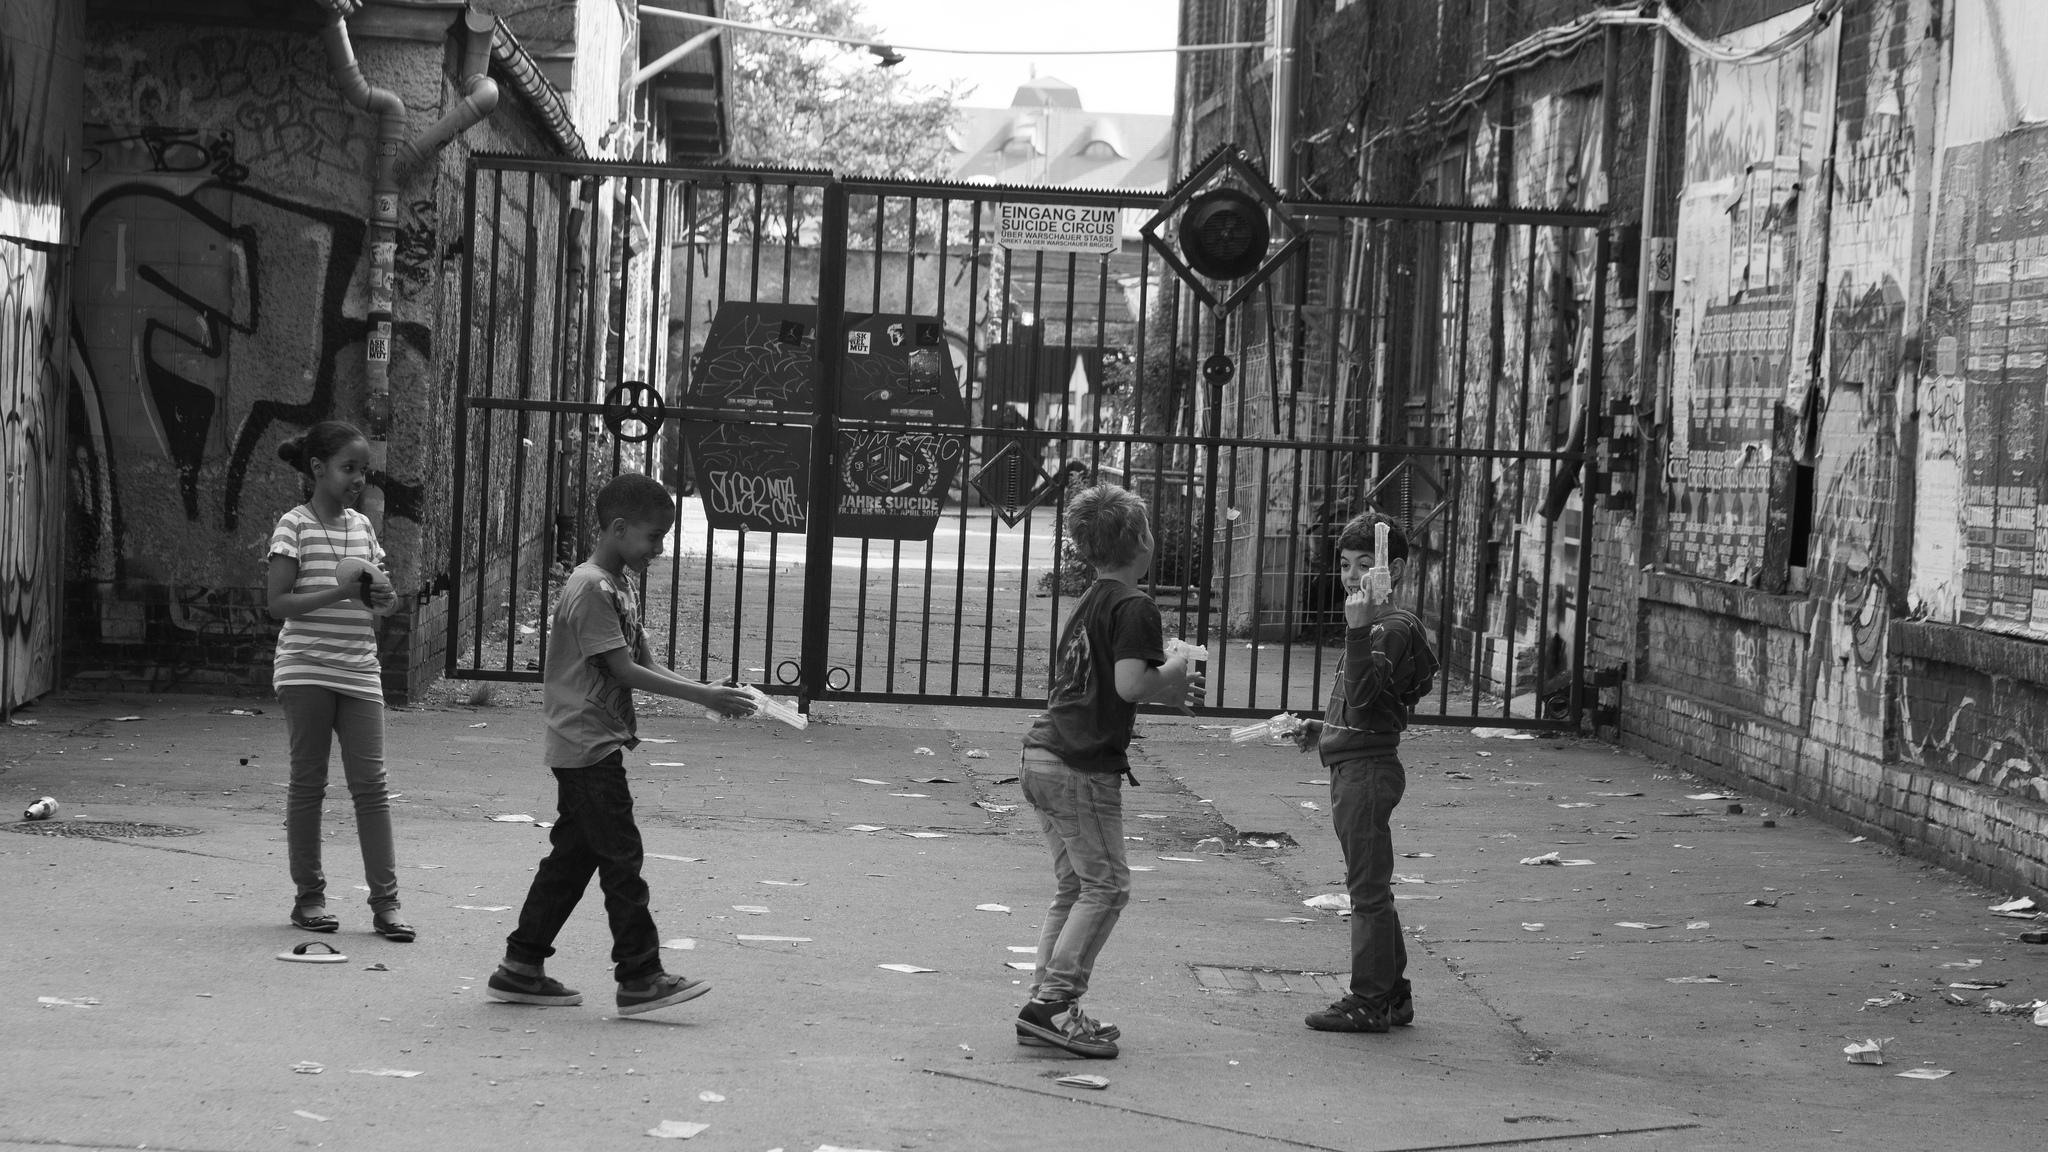 """Niñas y niños jugando a ser pistoleros.  Foto: """" Gunmen at Suicide Circus """", por Sascha Kohlmann,  CC BY-SA 2.0"""